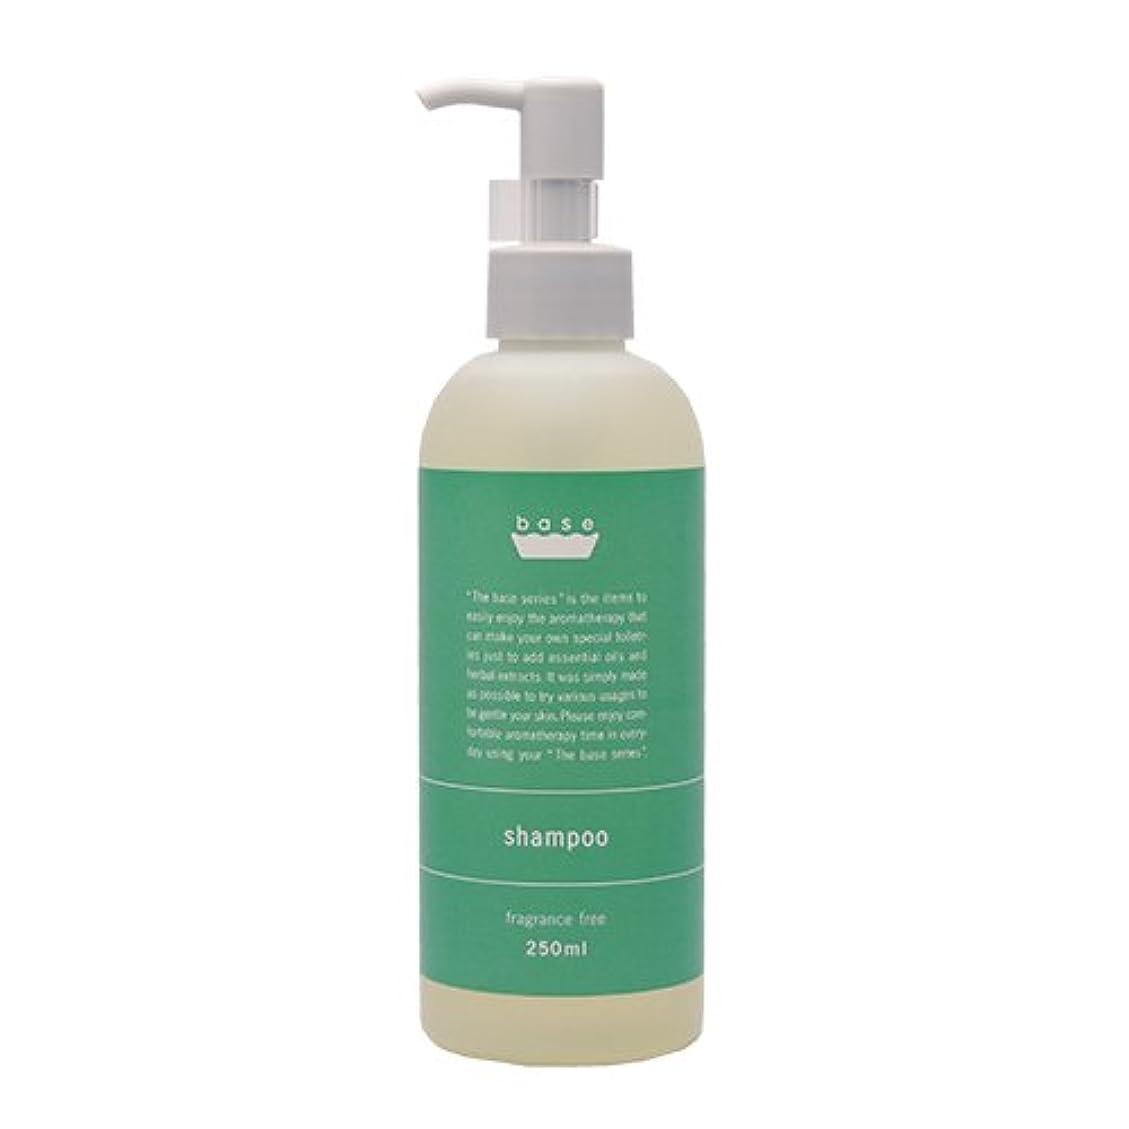 驚くべき謙虚感度base shampoo(ベースシャンプー)250ml